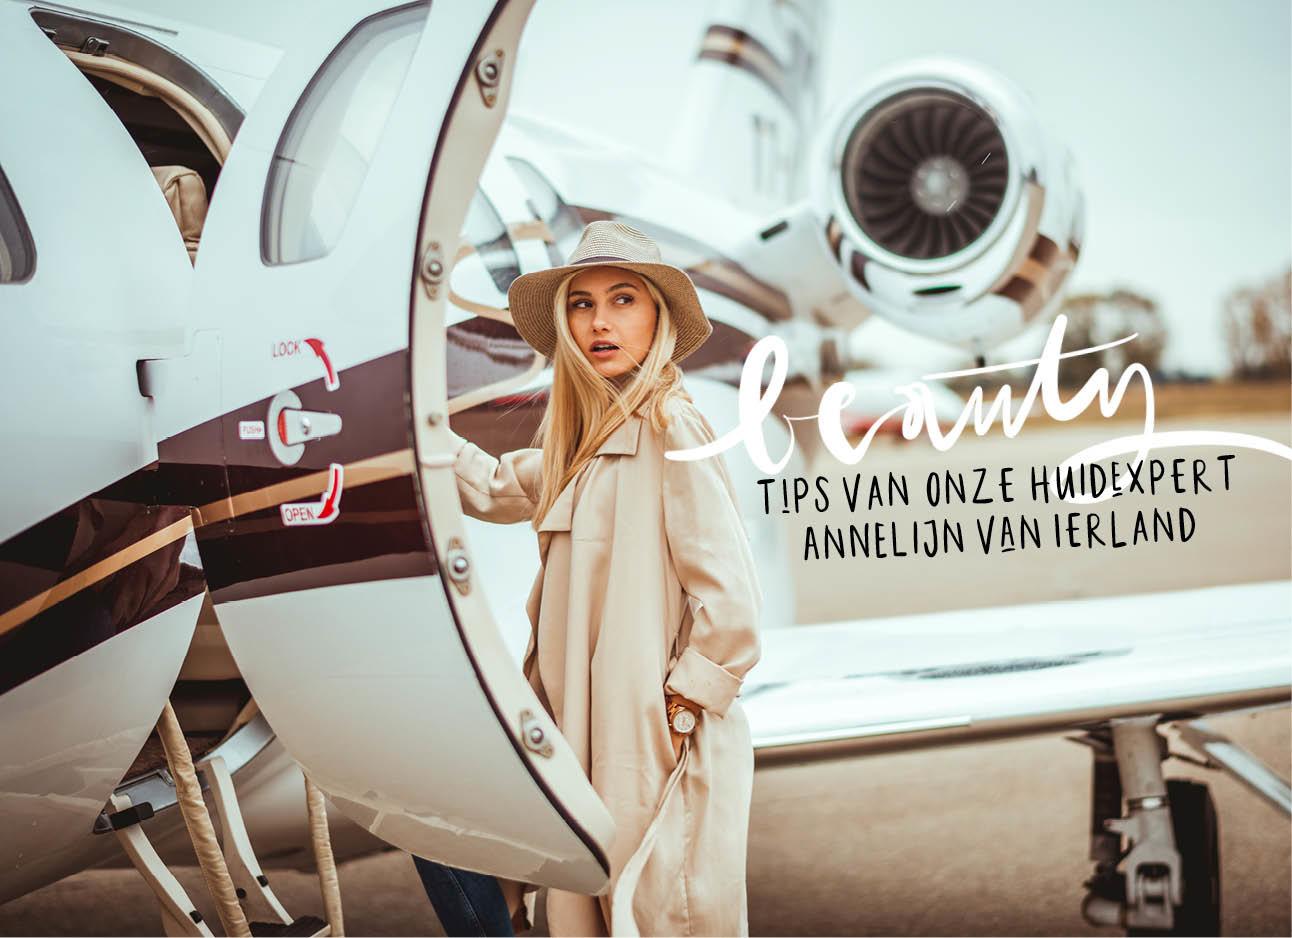 vrouw die het vliegtuig instapt